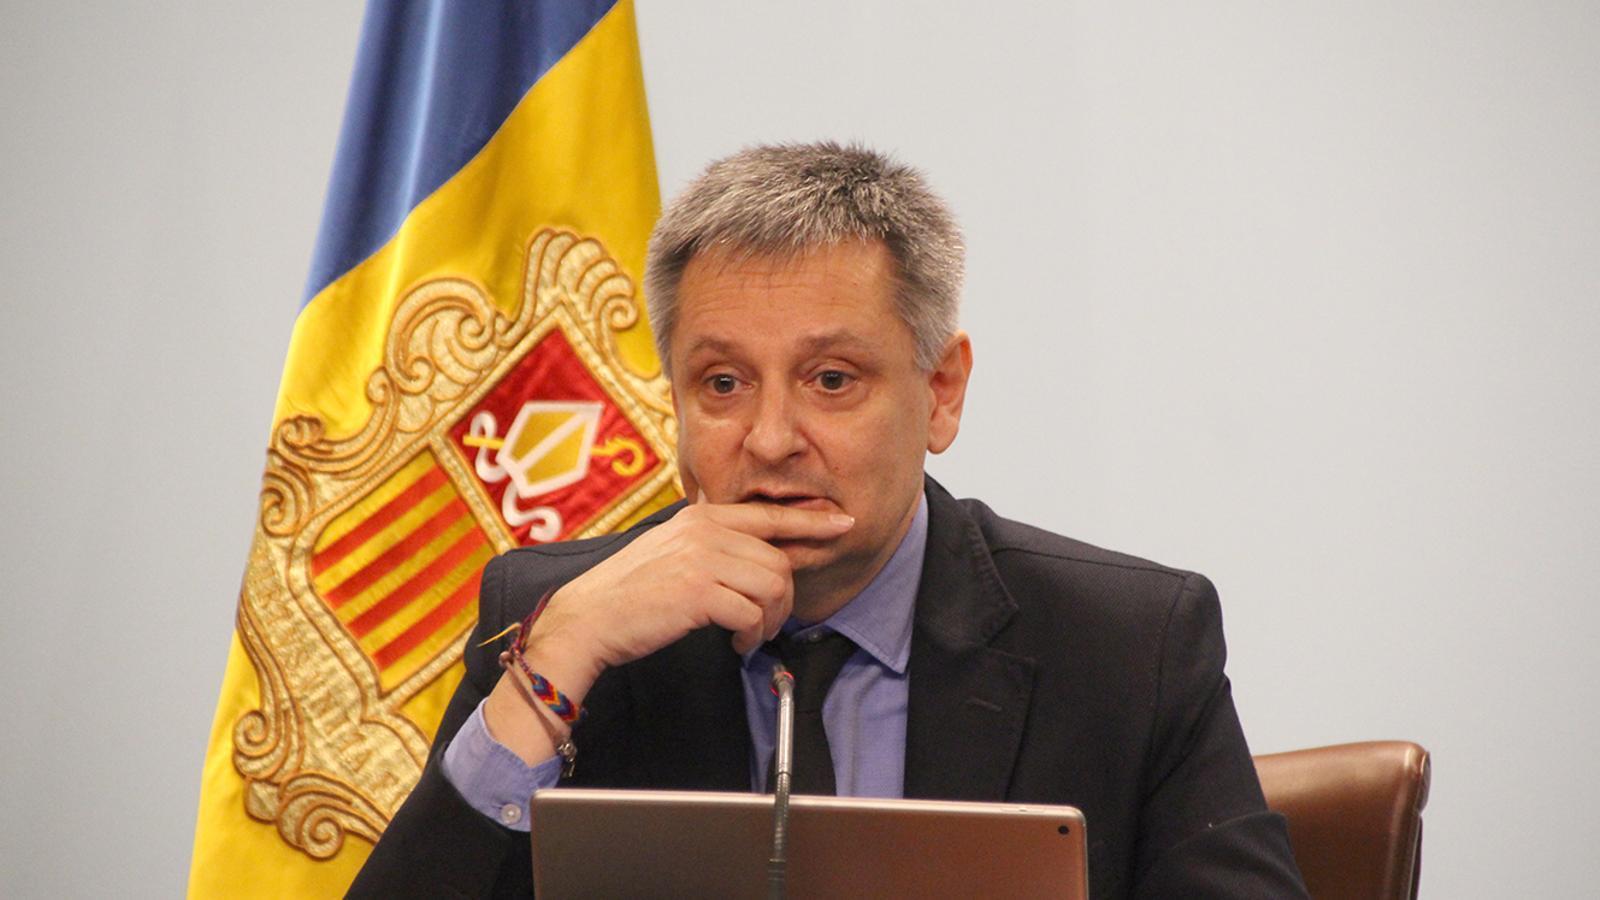 El ministre d'Economia, Competitivitat i Innovació en funcions, Gilbert Saboya participarà a la jornada. / ARA